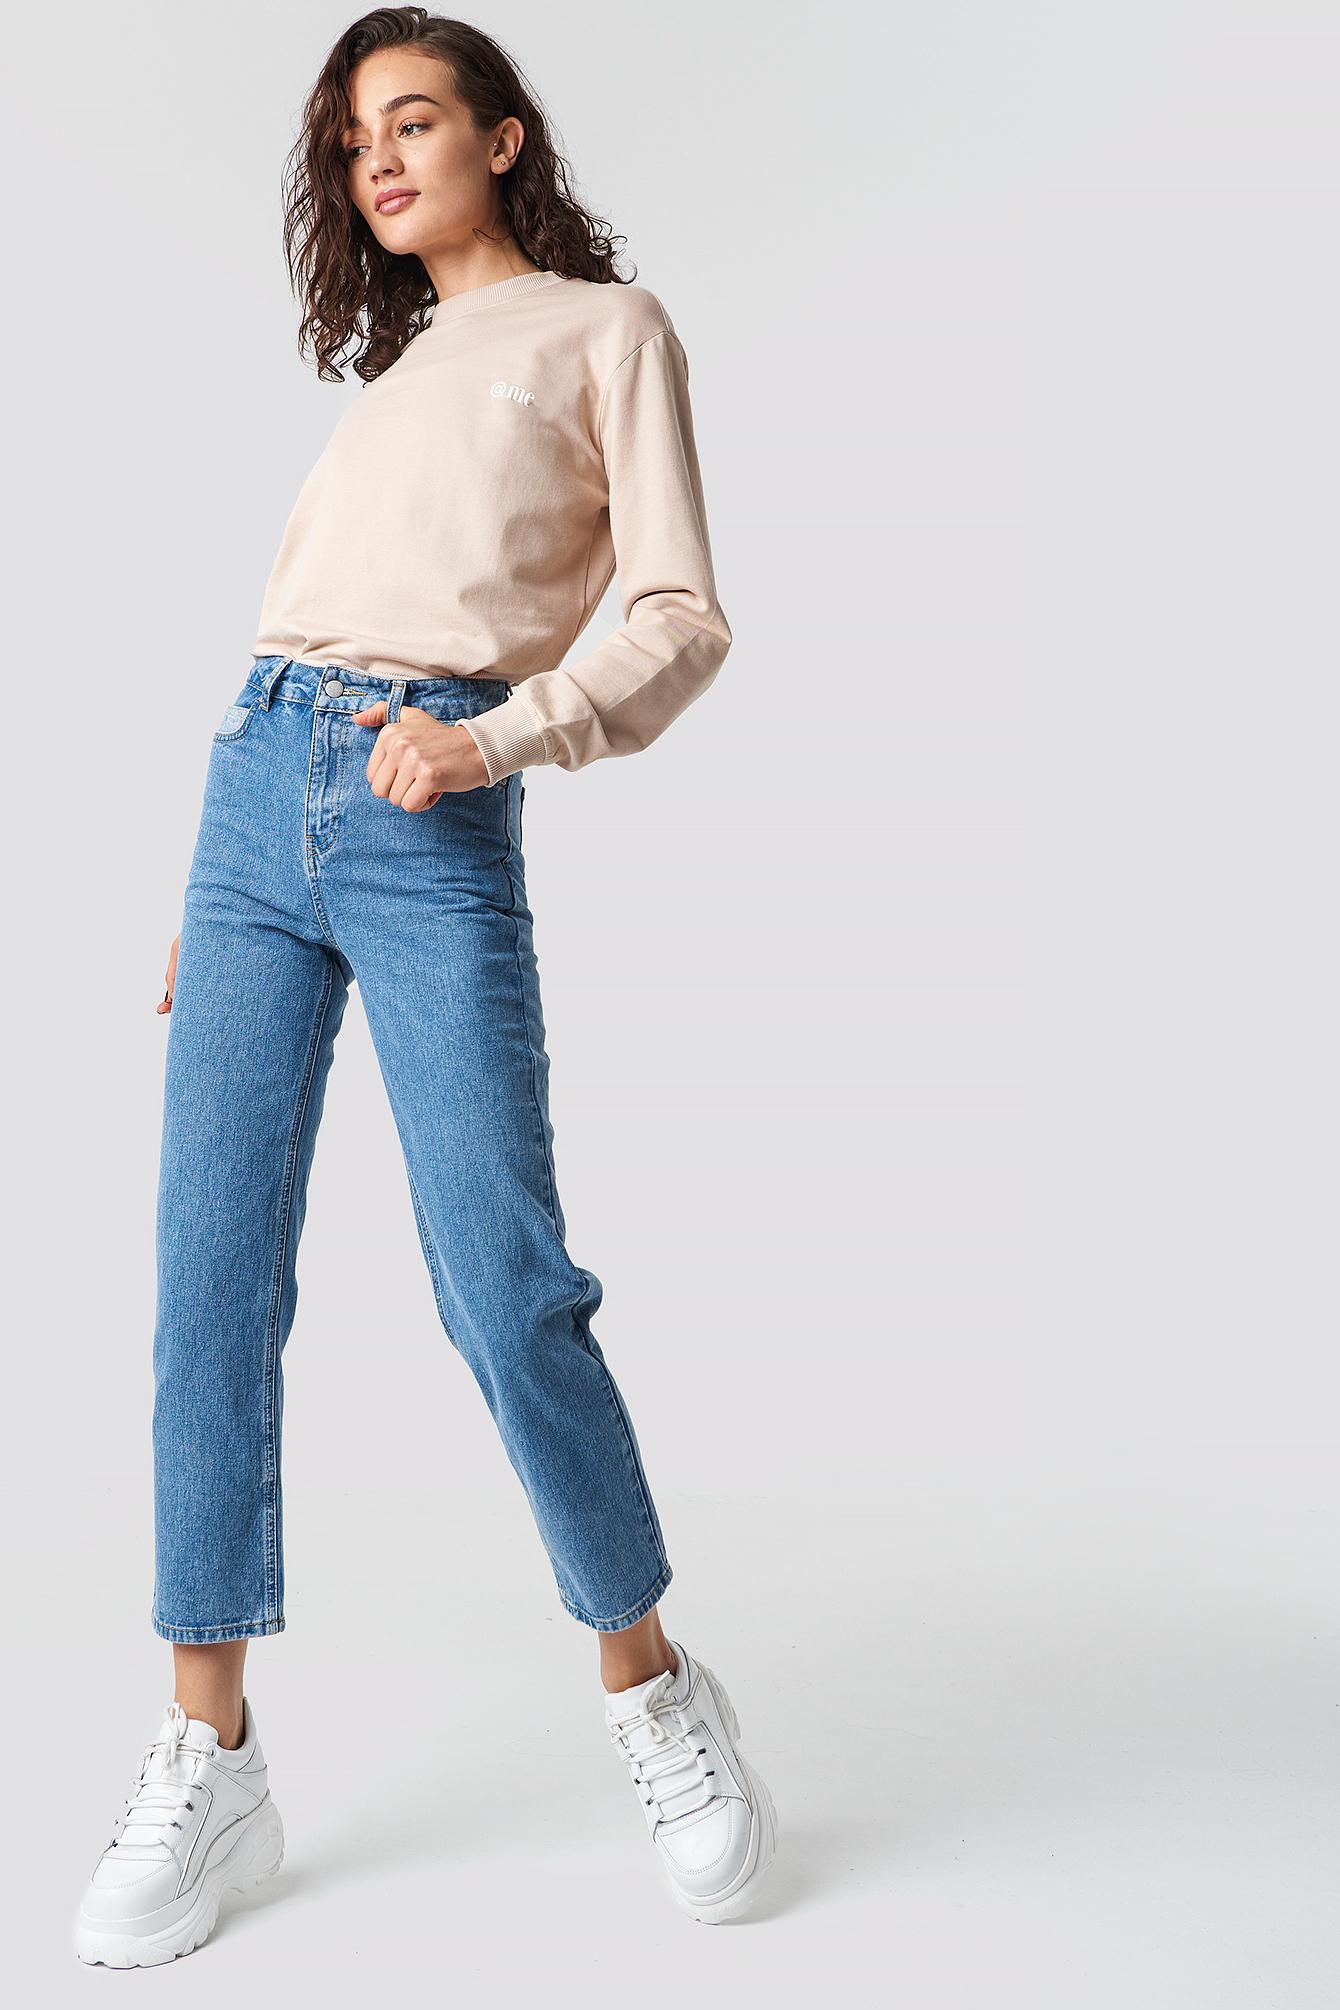 ASTRIDOLSENXNAKD Straight Leg Jeans - Blue